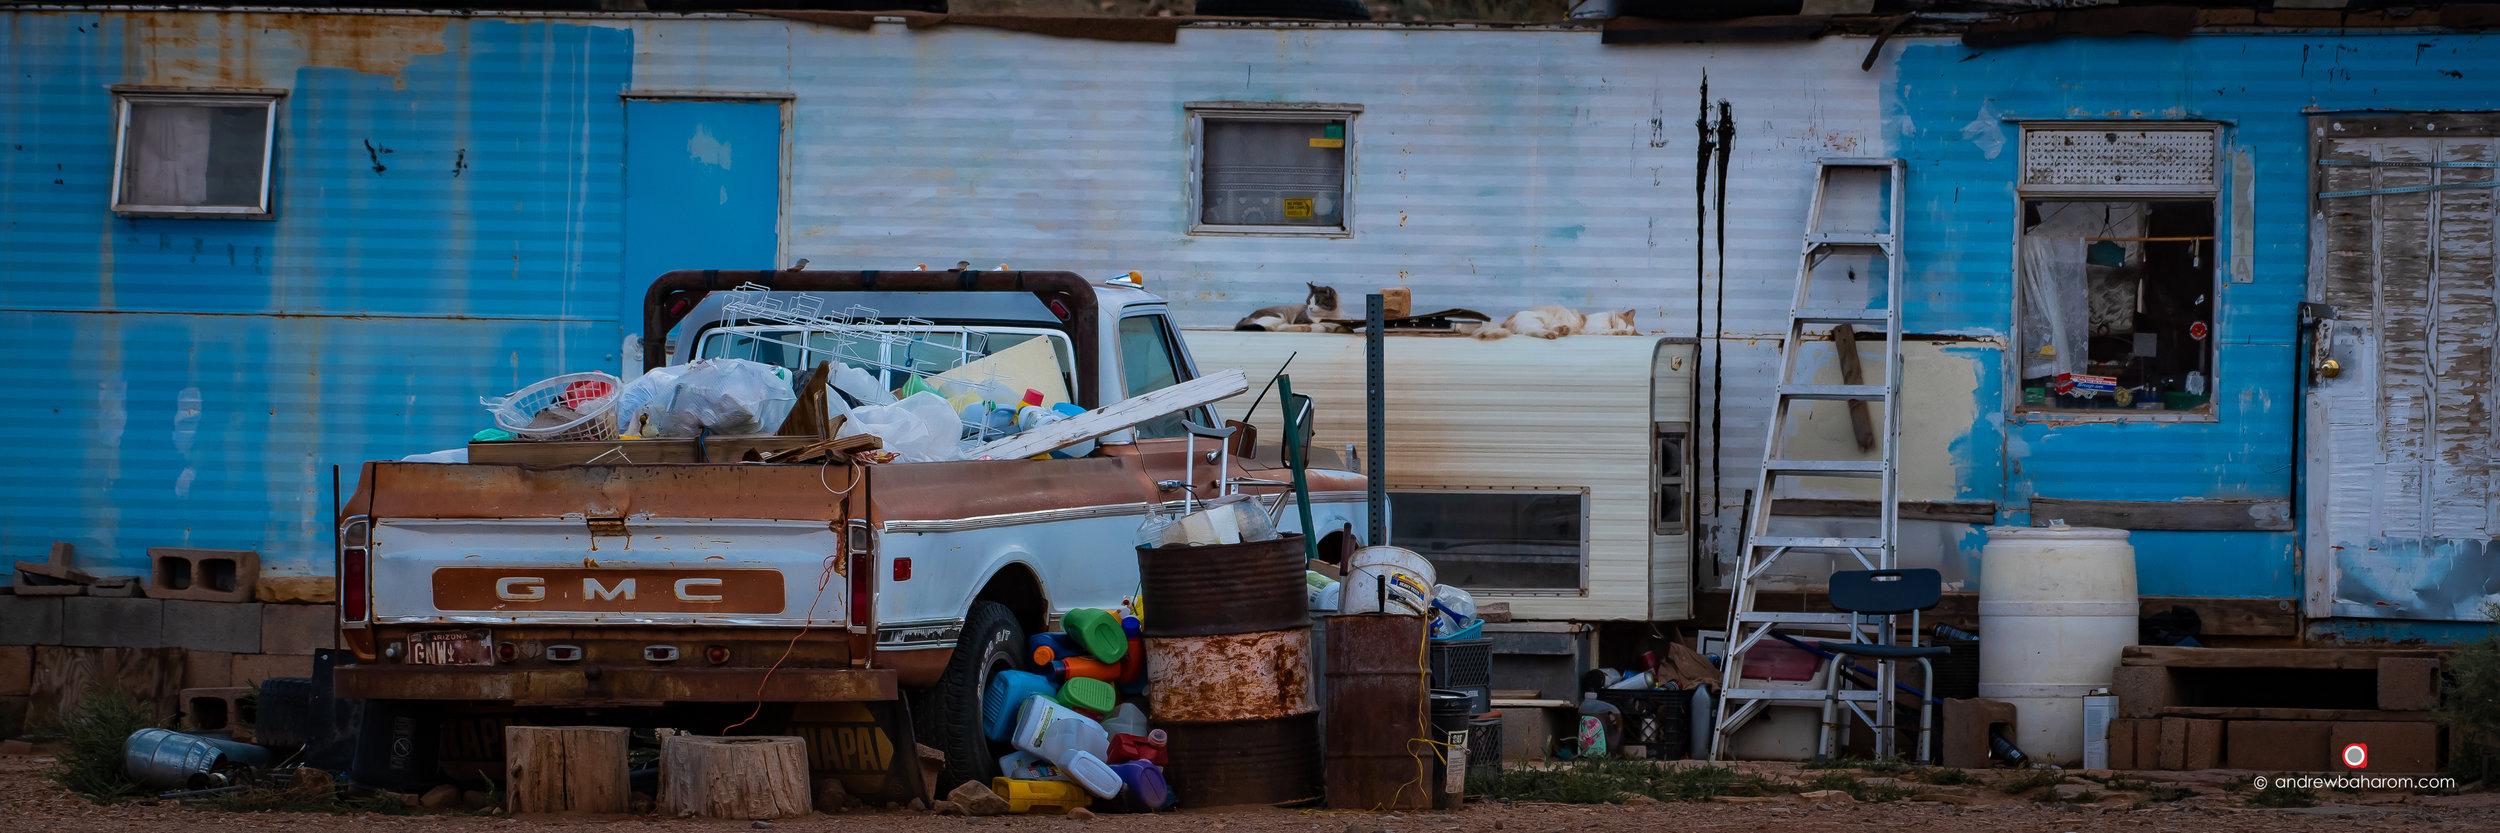 GMC Truck.jpg